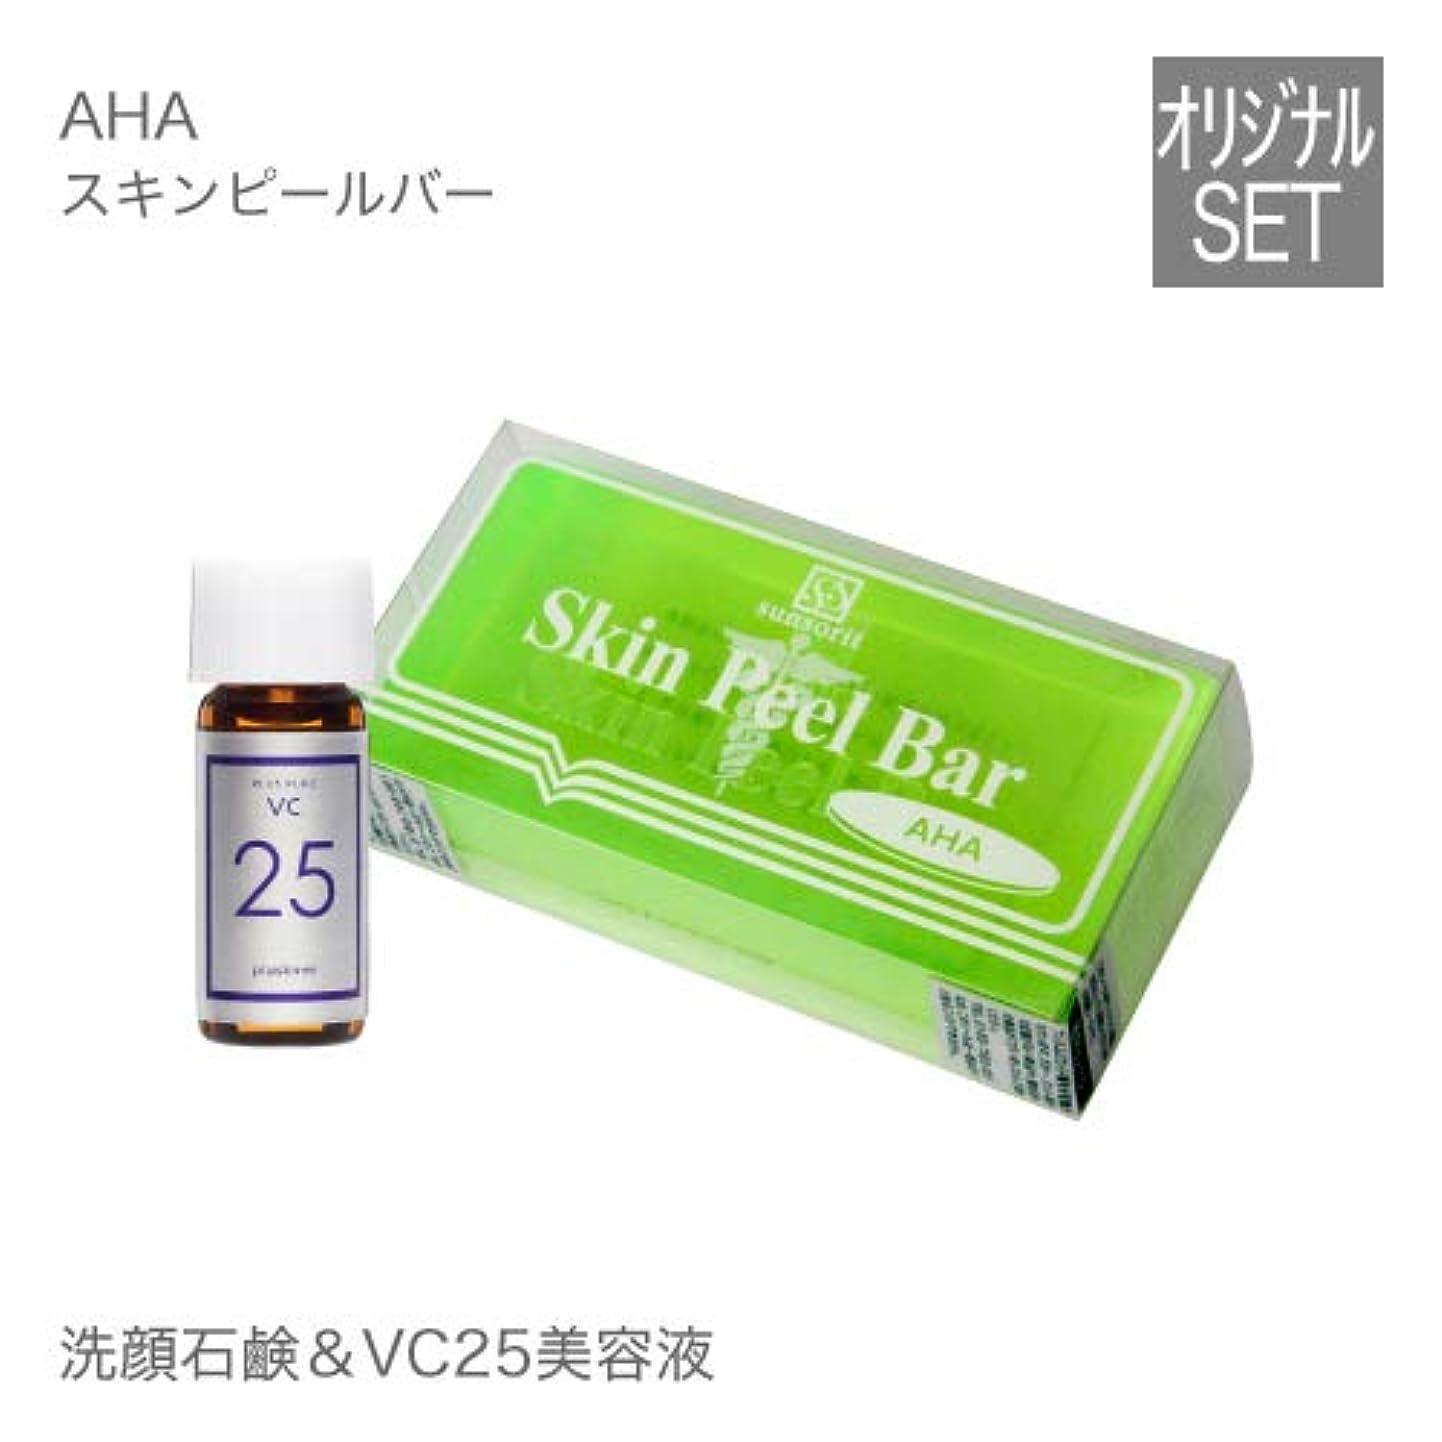 三陰気かみそりサンソリット スキンピールバー AHA + ピュア ビタミンC 美容液 プラスキレイ プラスピュアVC25 ミニ